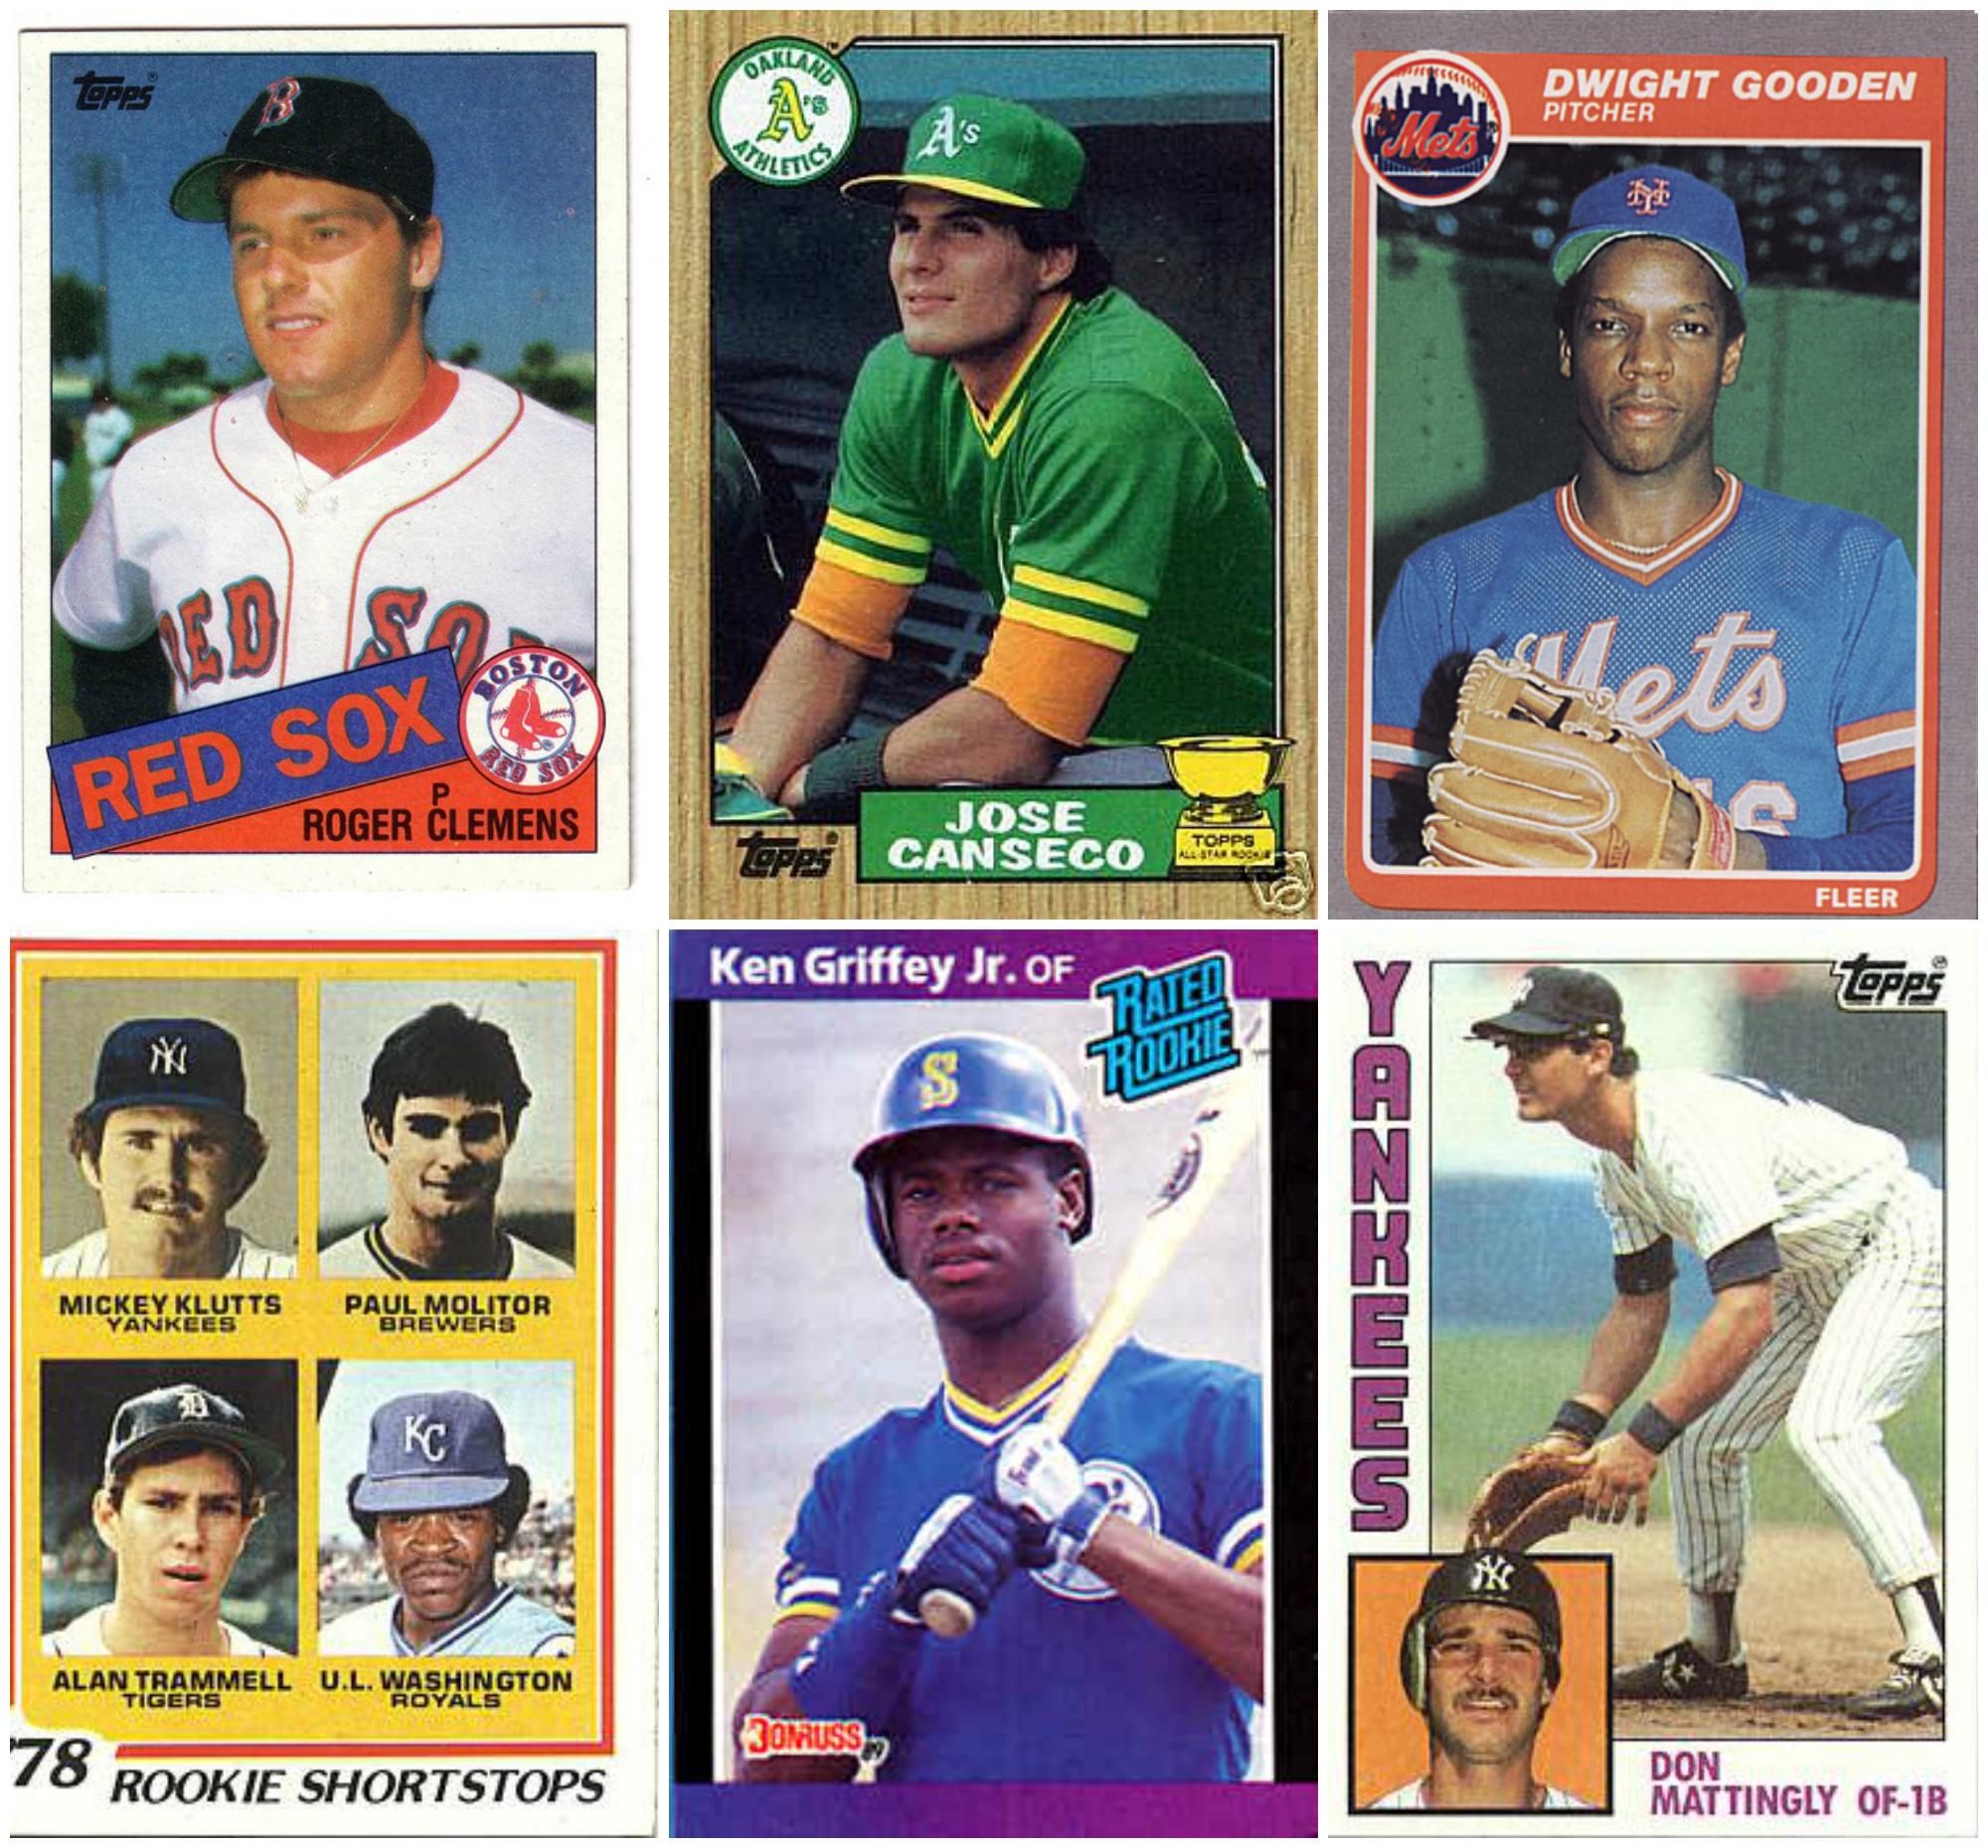 Alan Trammell Baseball Diatribes